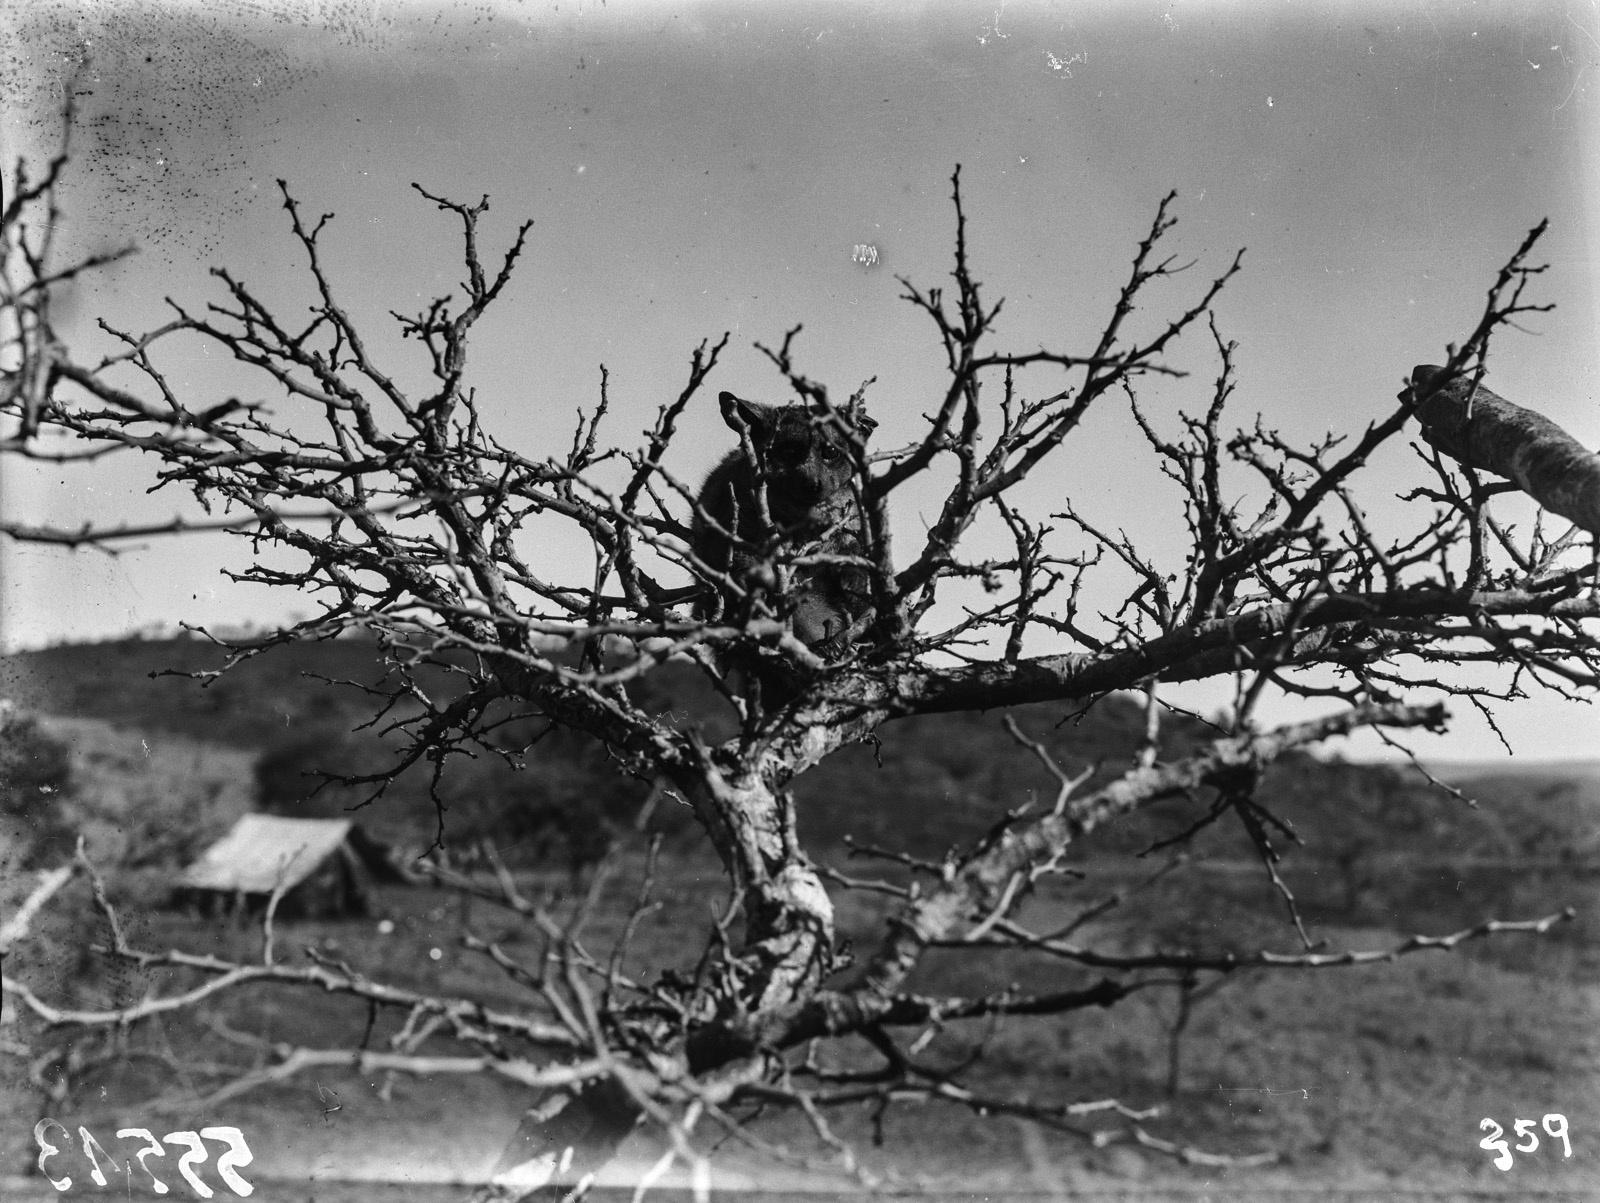 Южно-Африканский Союз. В окрестностях Претории. Галаго на дереве